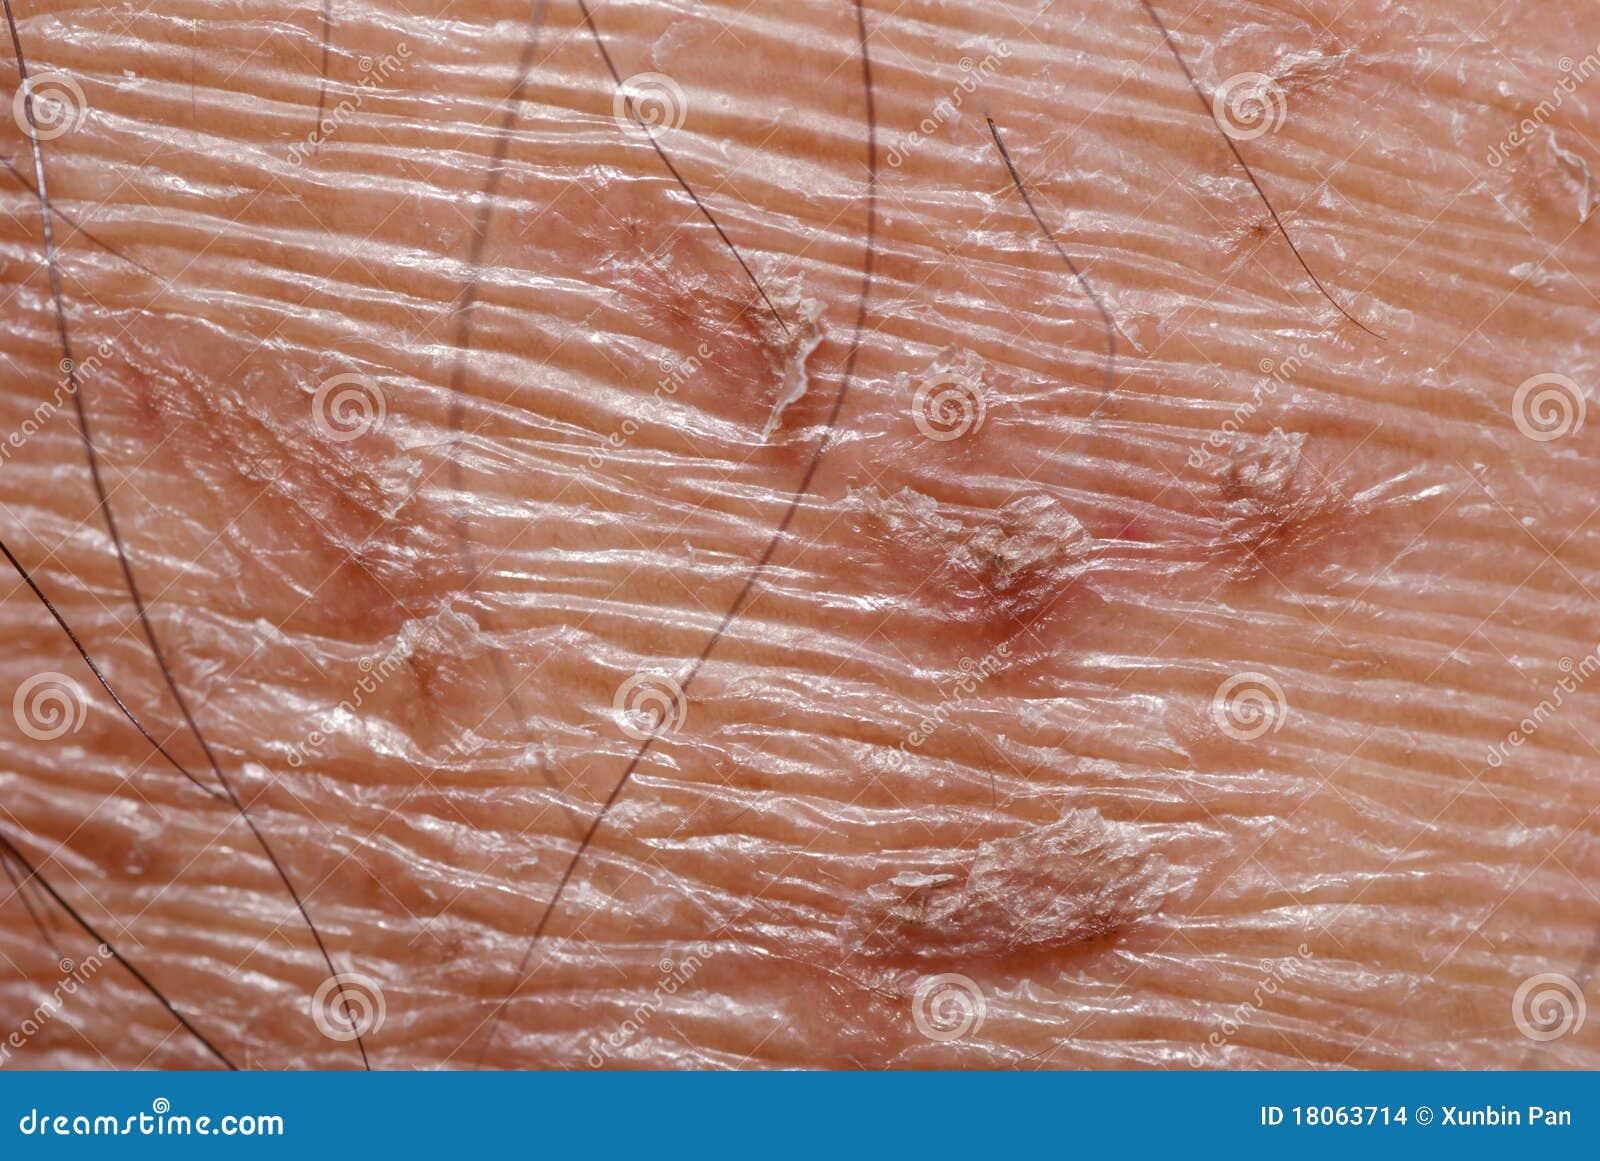 texture de peau s che photo stock image du image dermatologique 18063714. Black Bedroom Furniture Sets. Home Design Ideas